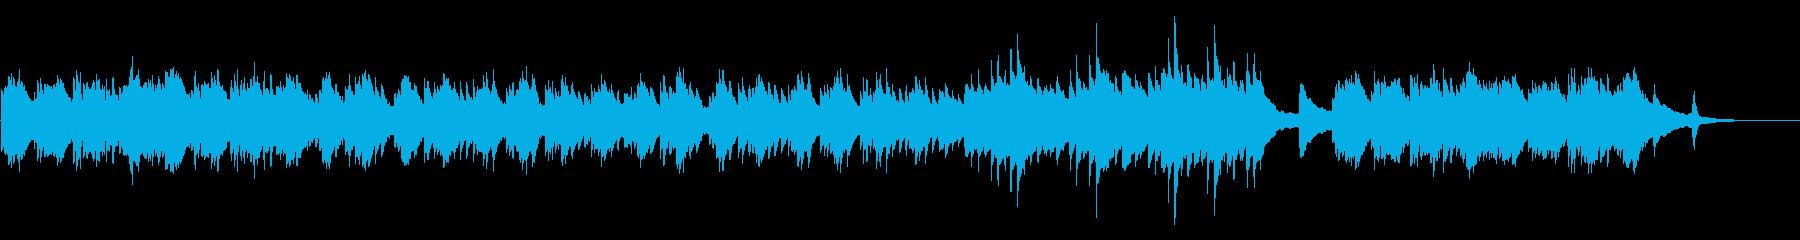 嫌な予感のするソロピアノの旋律の再生済みの波形